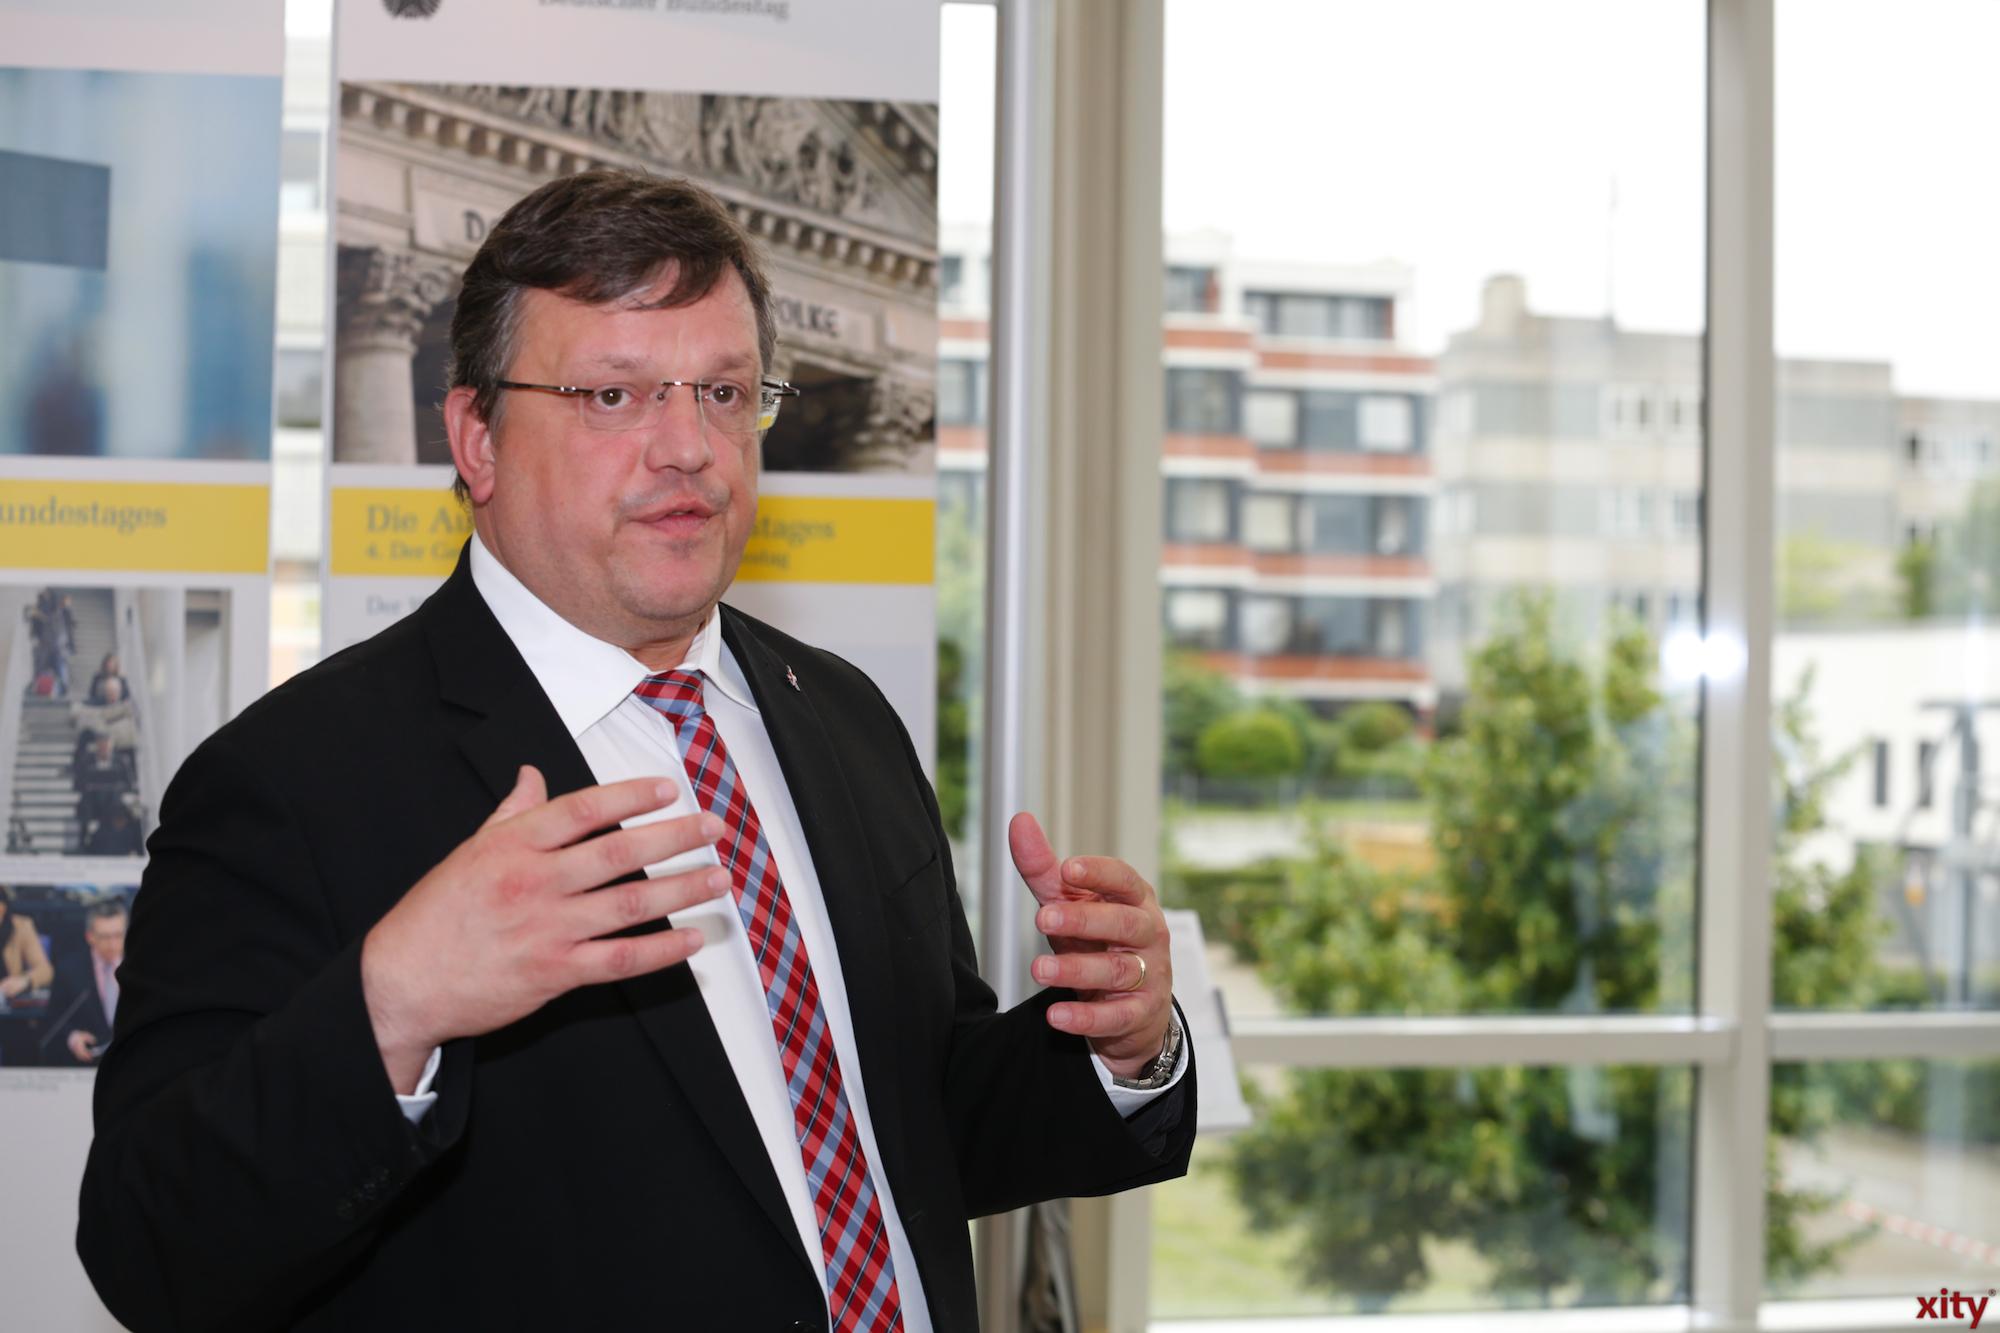 Andreas Rimkus brachte die Ausstellung nach Düsseldorf (Foto: xity)